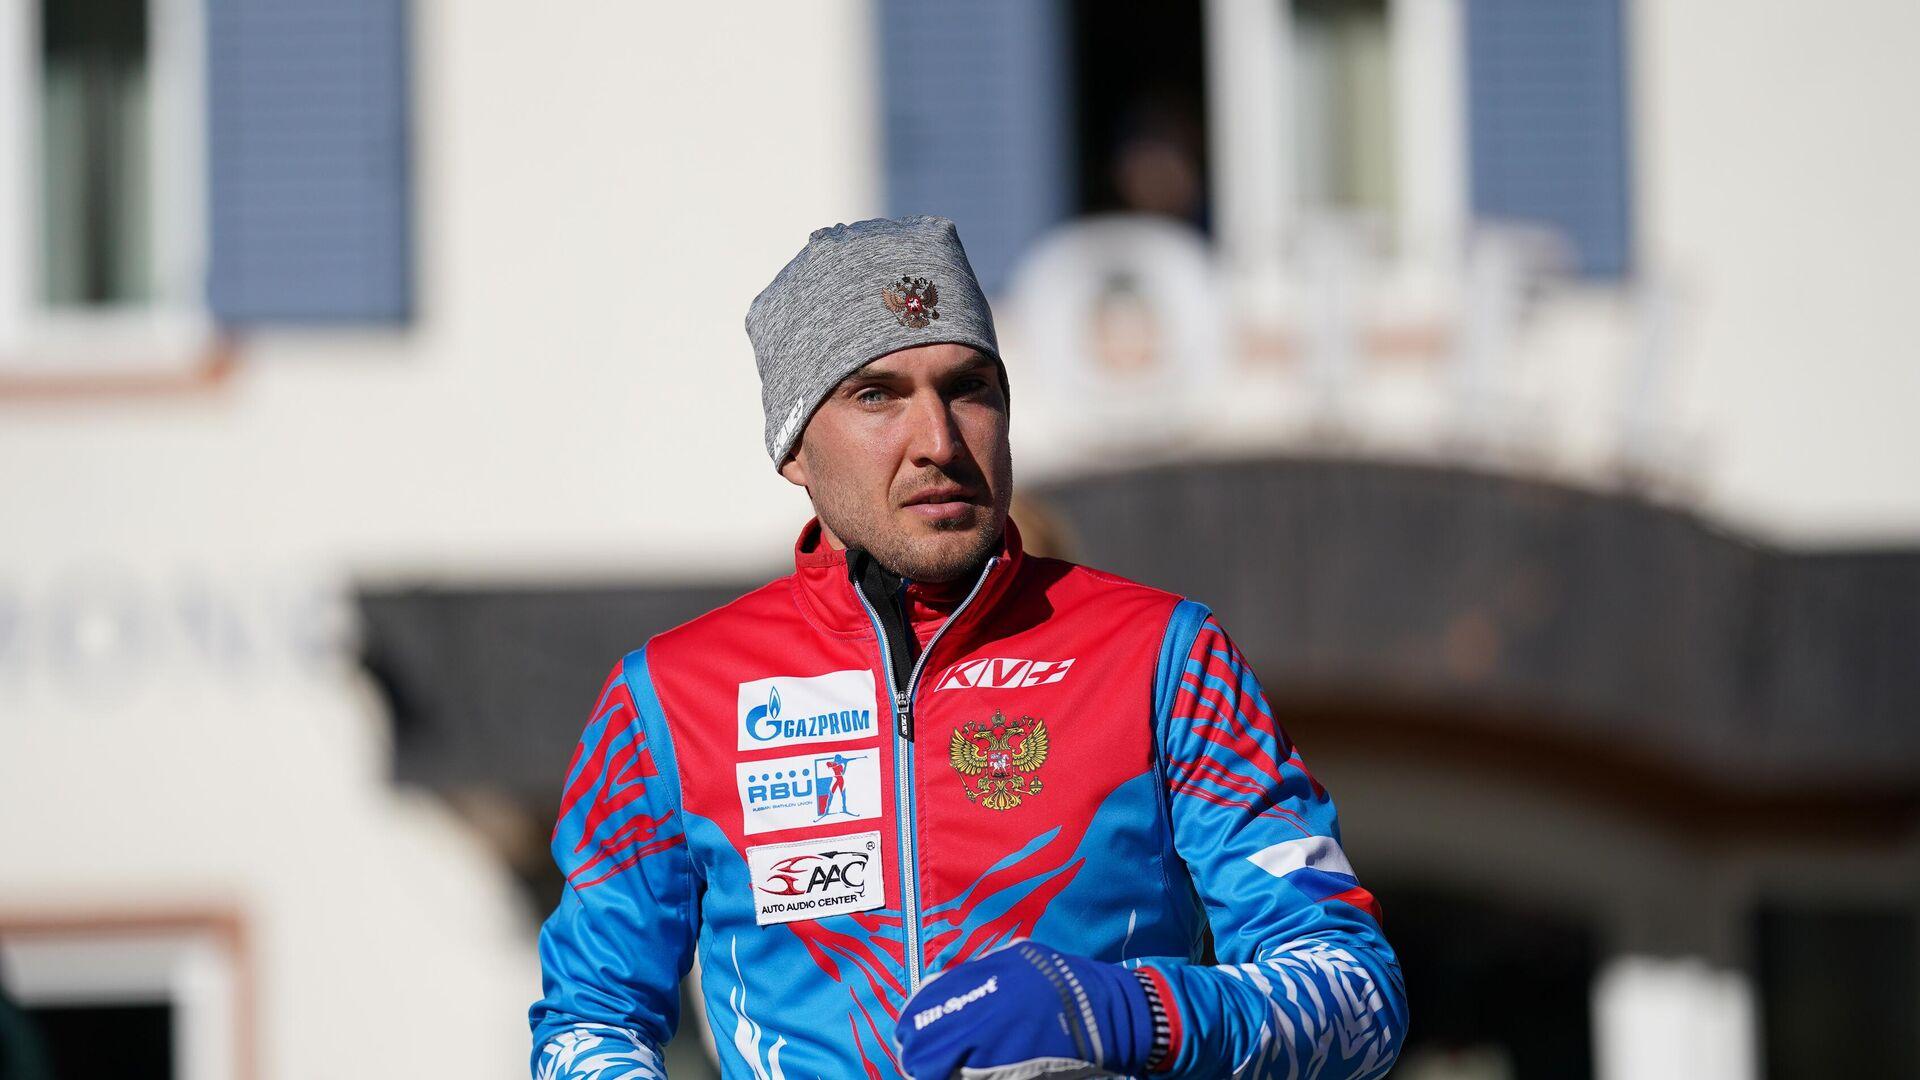 Российский биатлонист Евгений Гараничев - РИА Новости, 1920, 31.01.2021